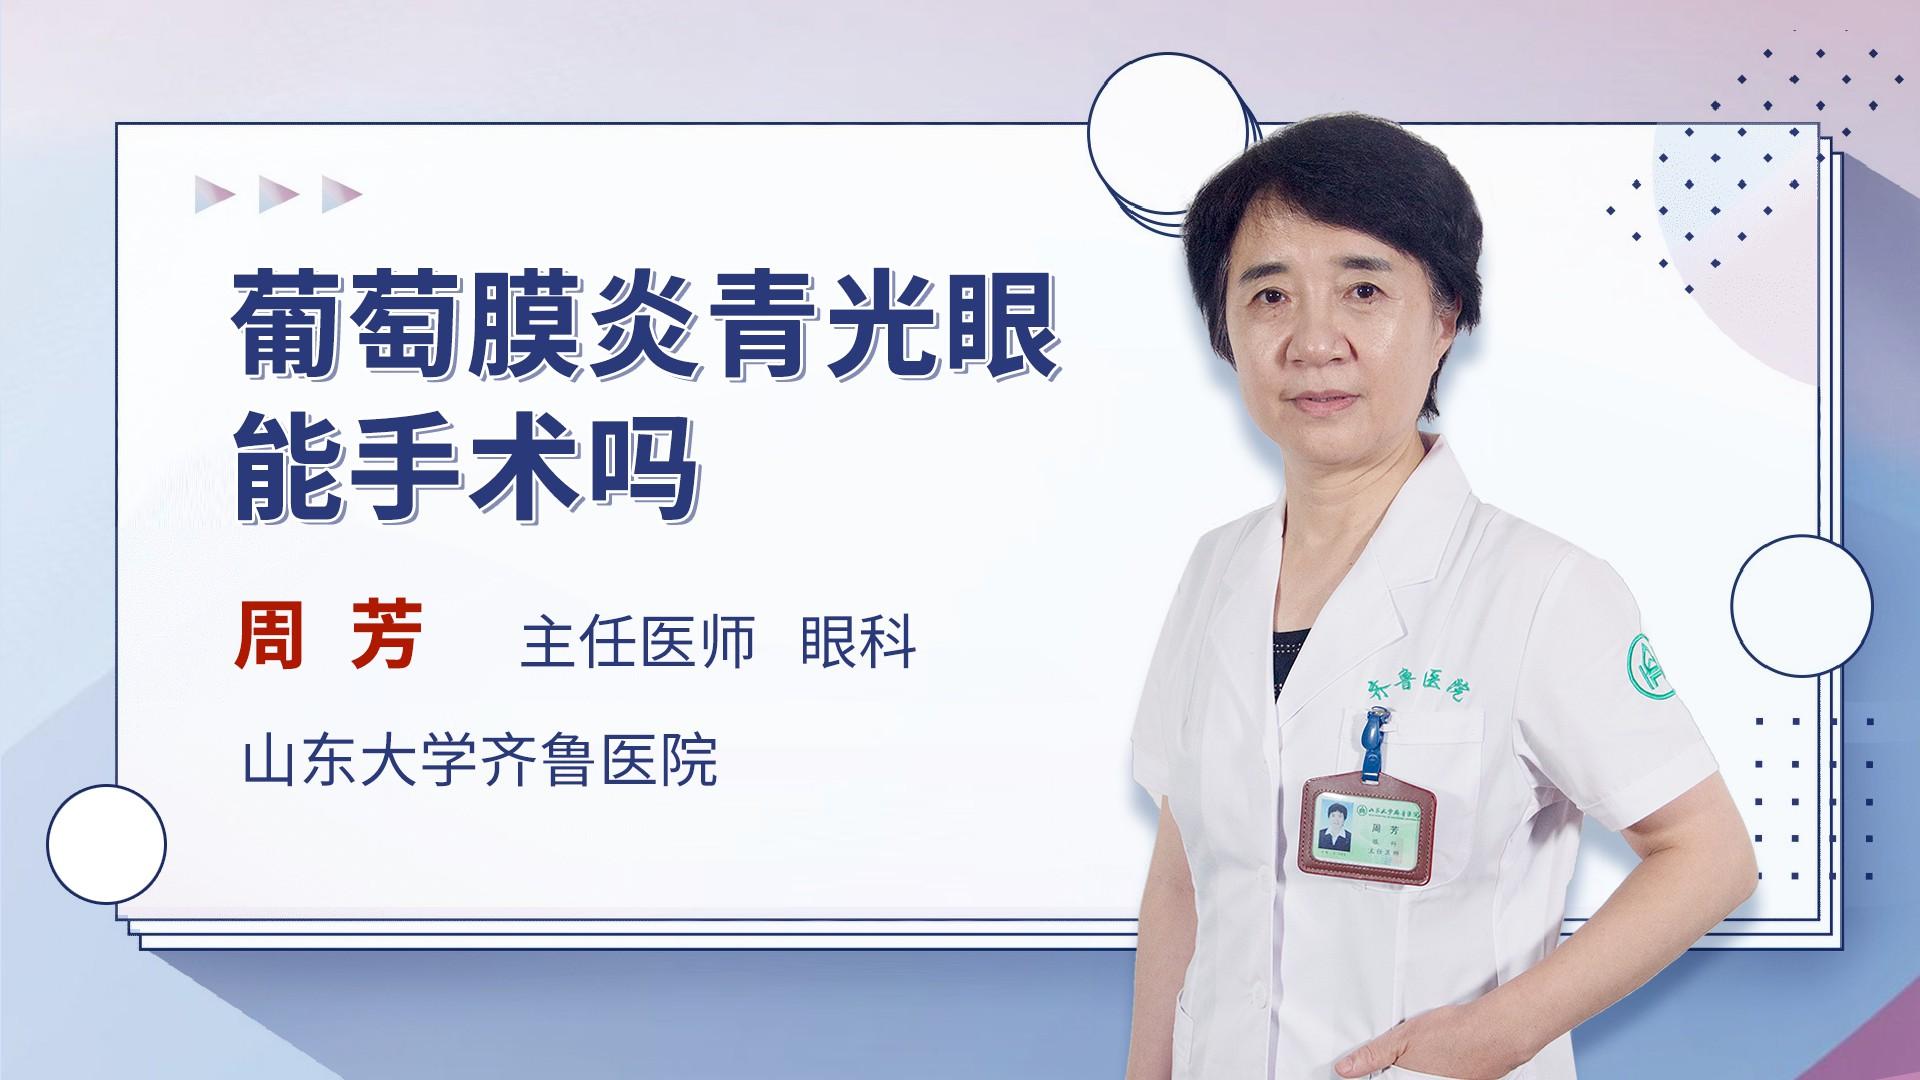 葡萄膜炎青光眼能手术吗